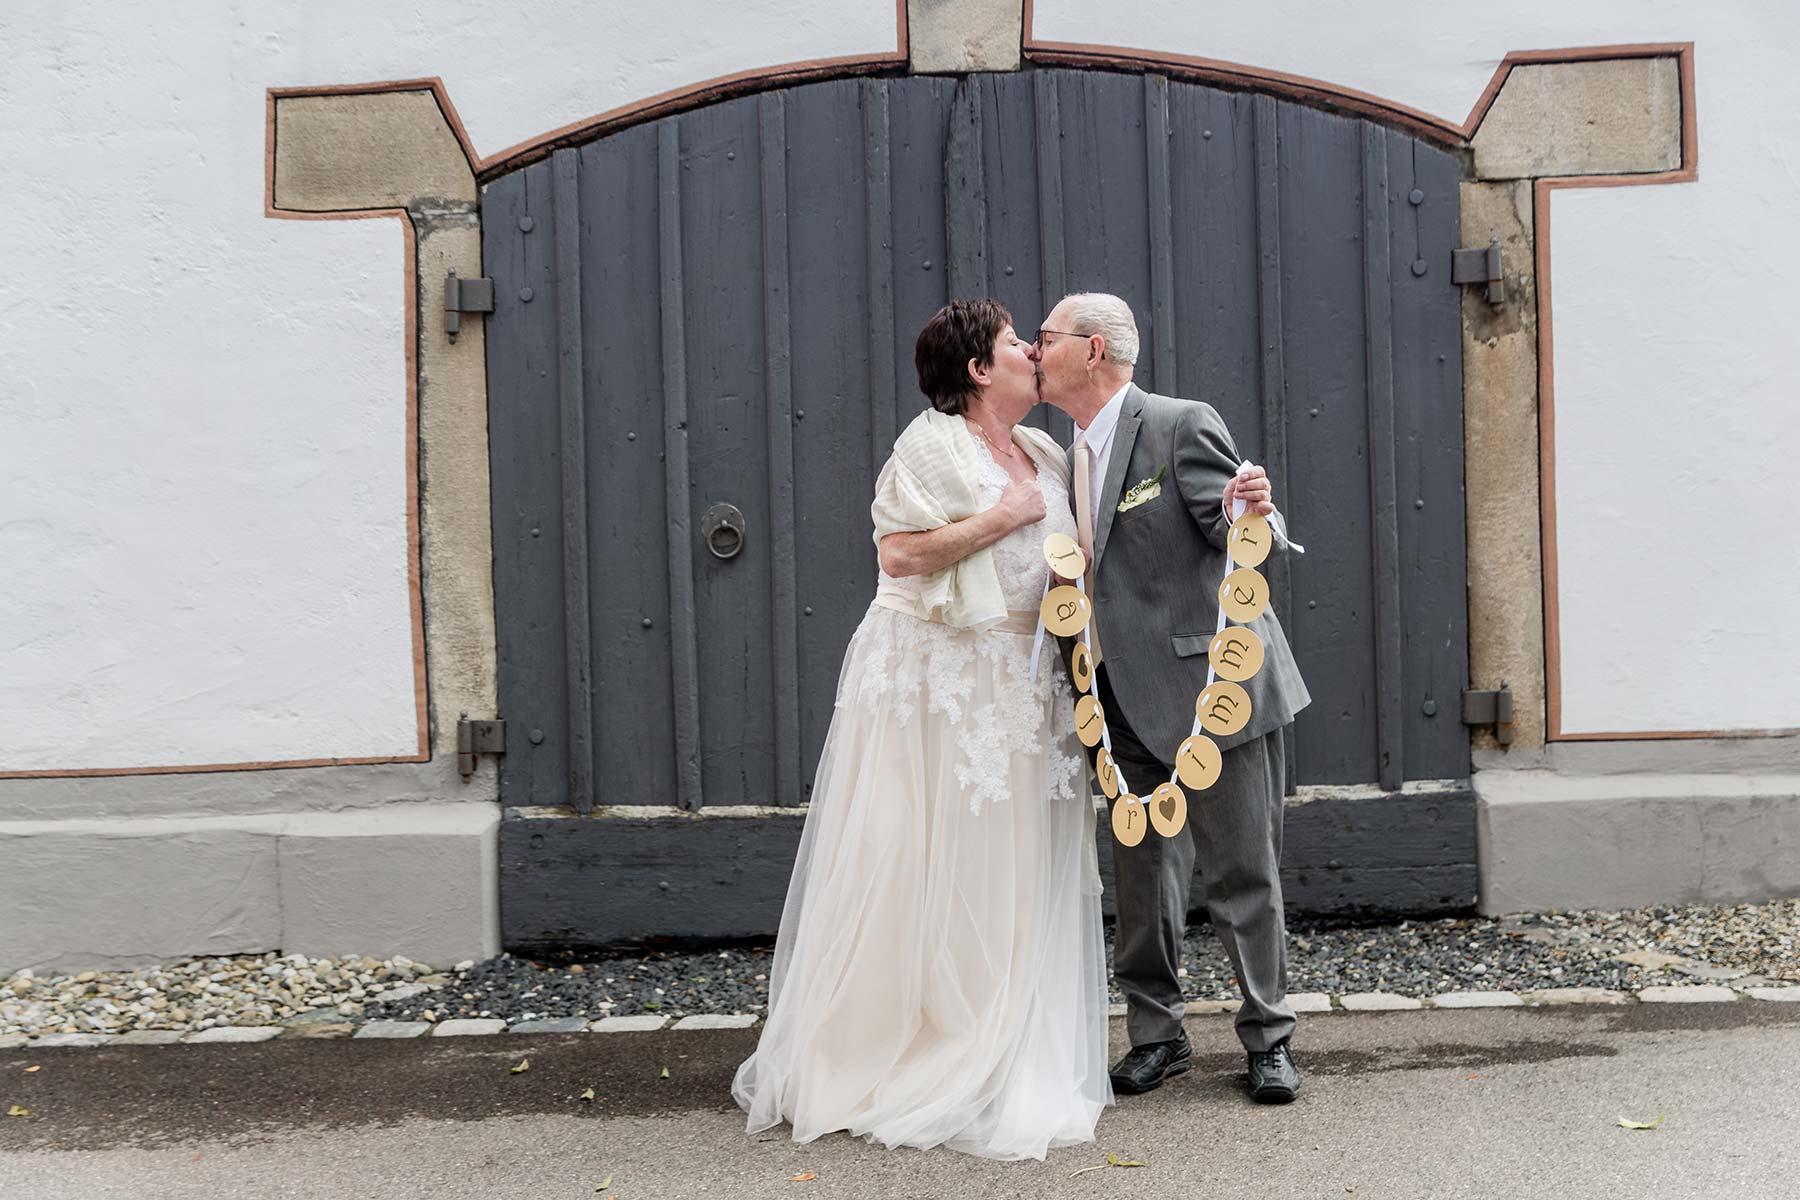 goldene hochzeit: after-wedding-fotoshooting zum 50